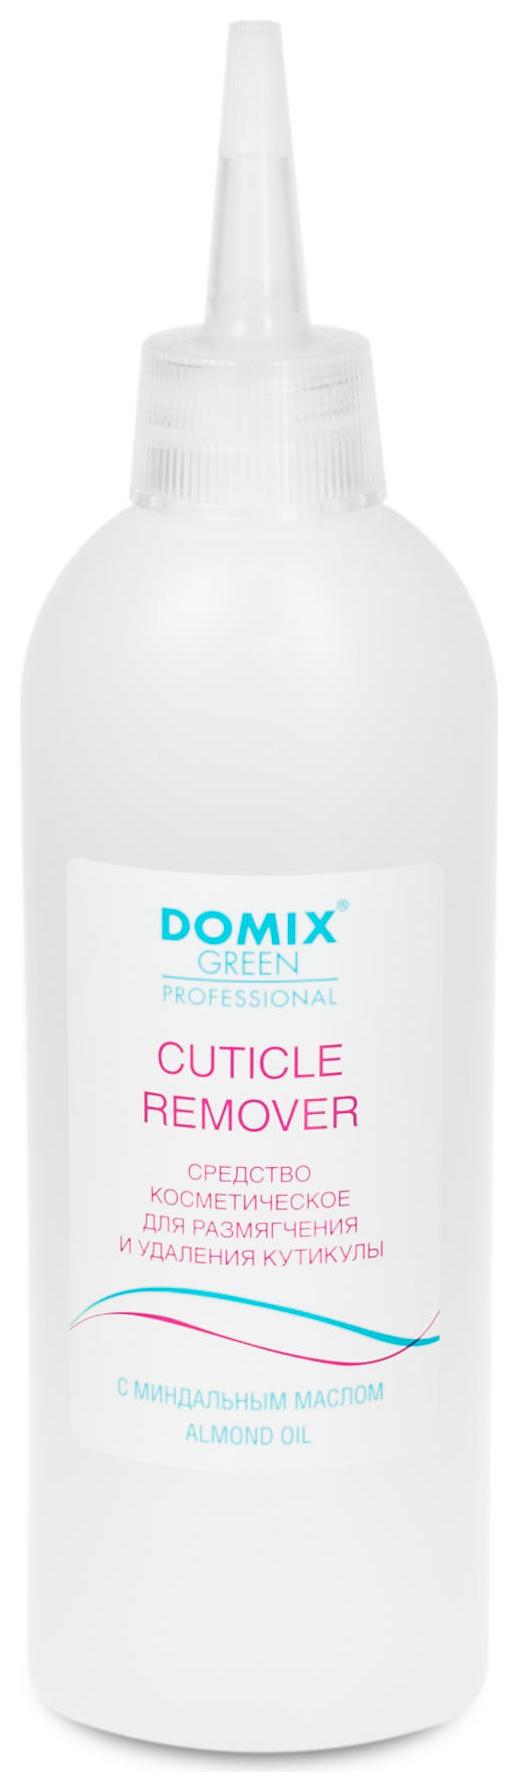 Средство для удаления кутикулы Cuticle remover  Domix Green Professional